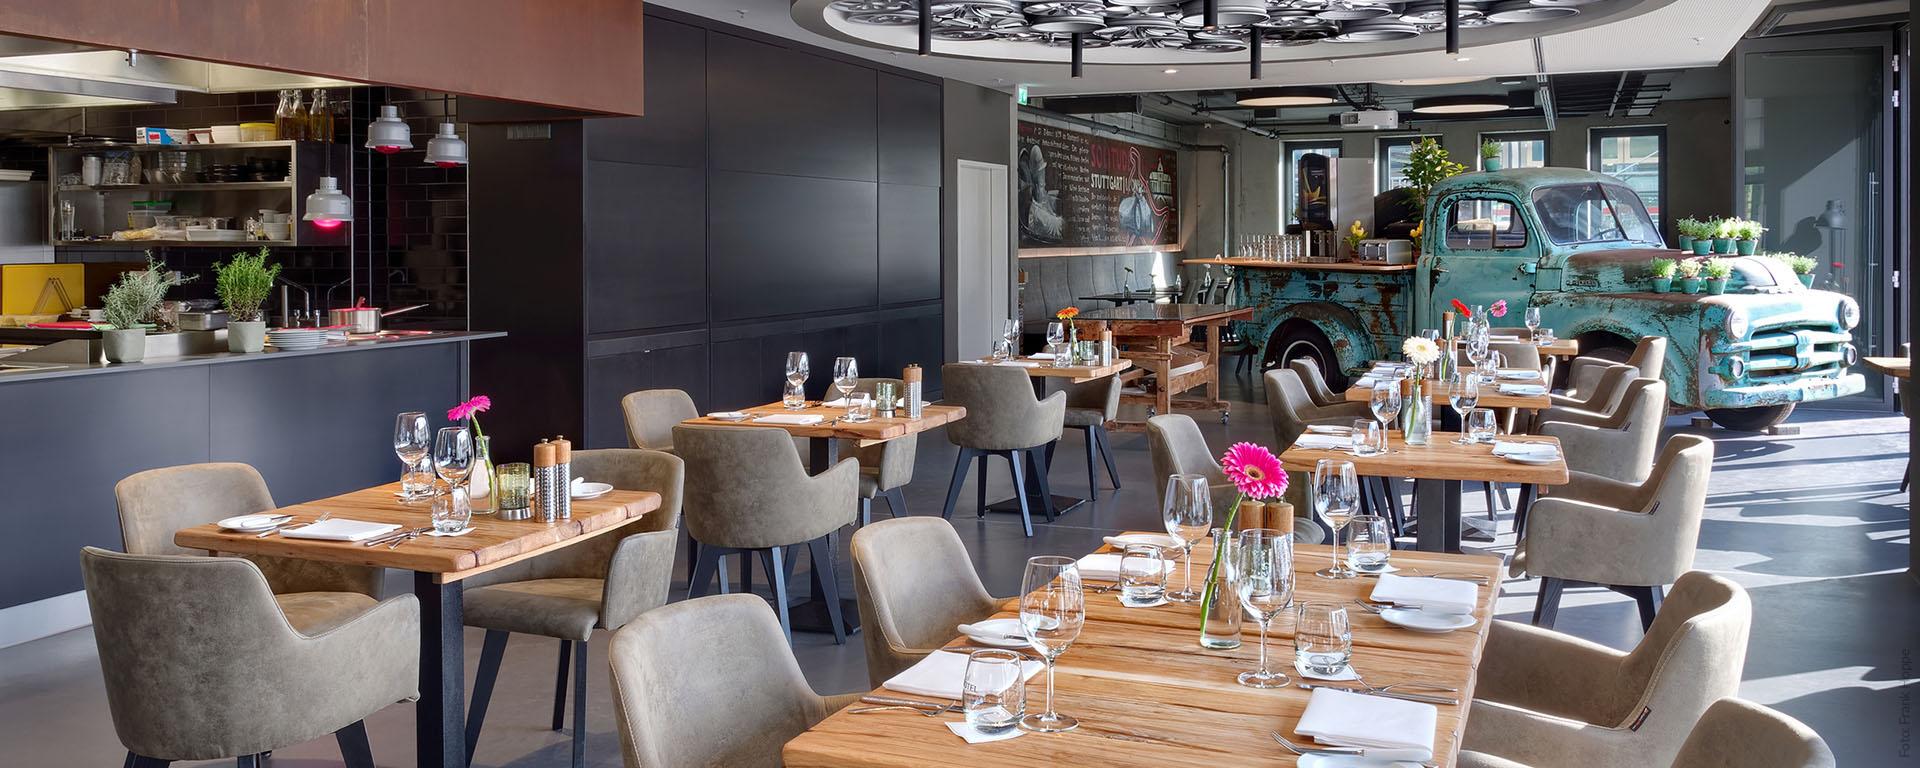 V8 HOTEL PICK-UP Restaurant & Bar: Gut Essen und genießen in vier Sterne-Hotel Superior auf dem Flugfeld in Böblingen, Region Stuttgart